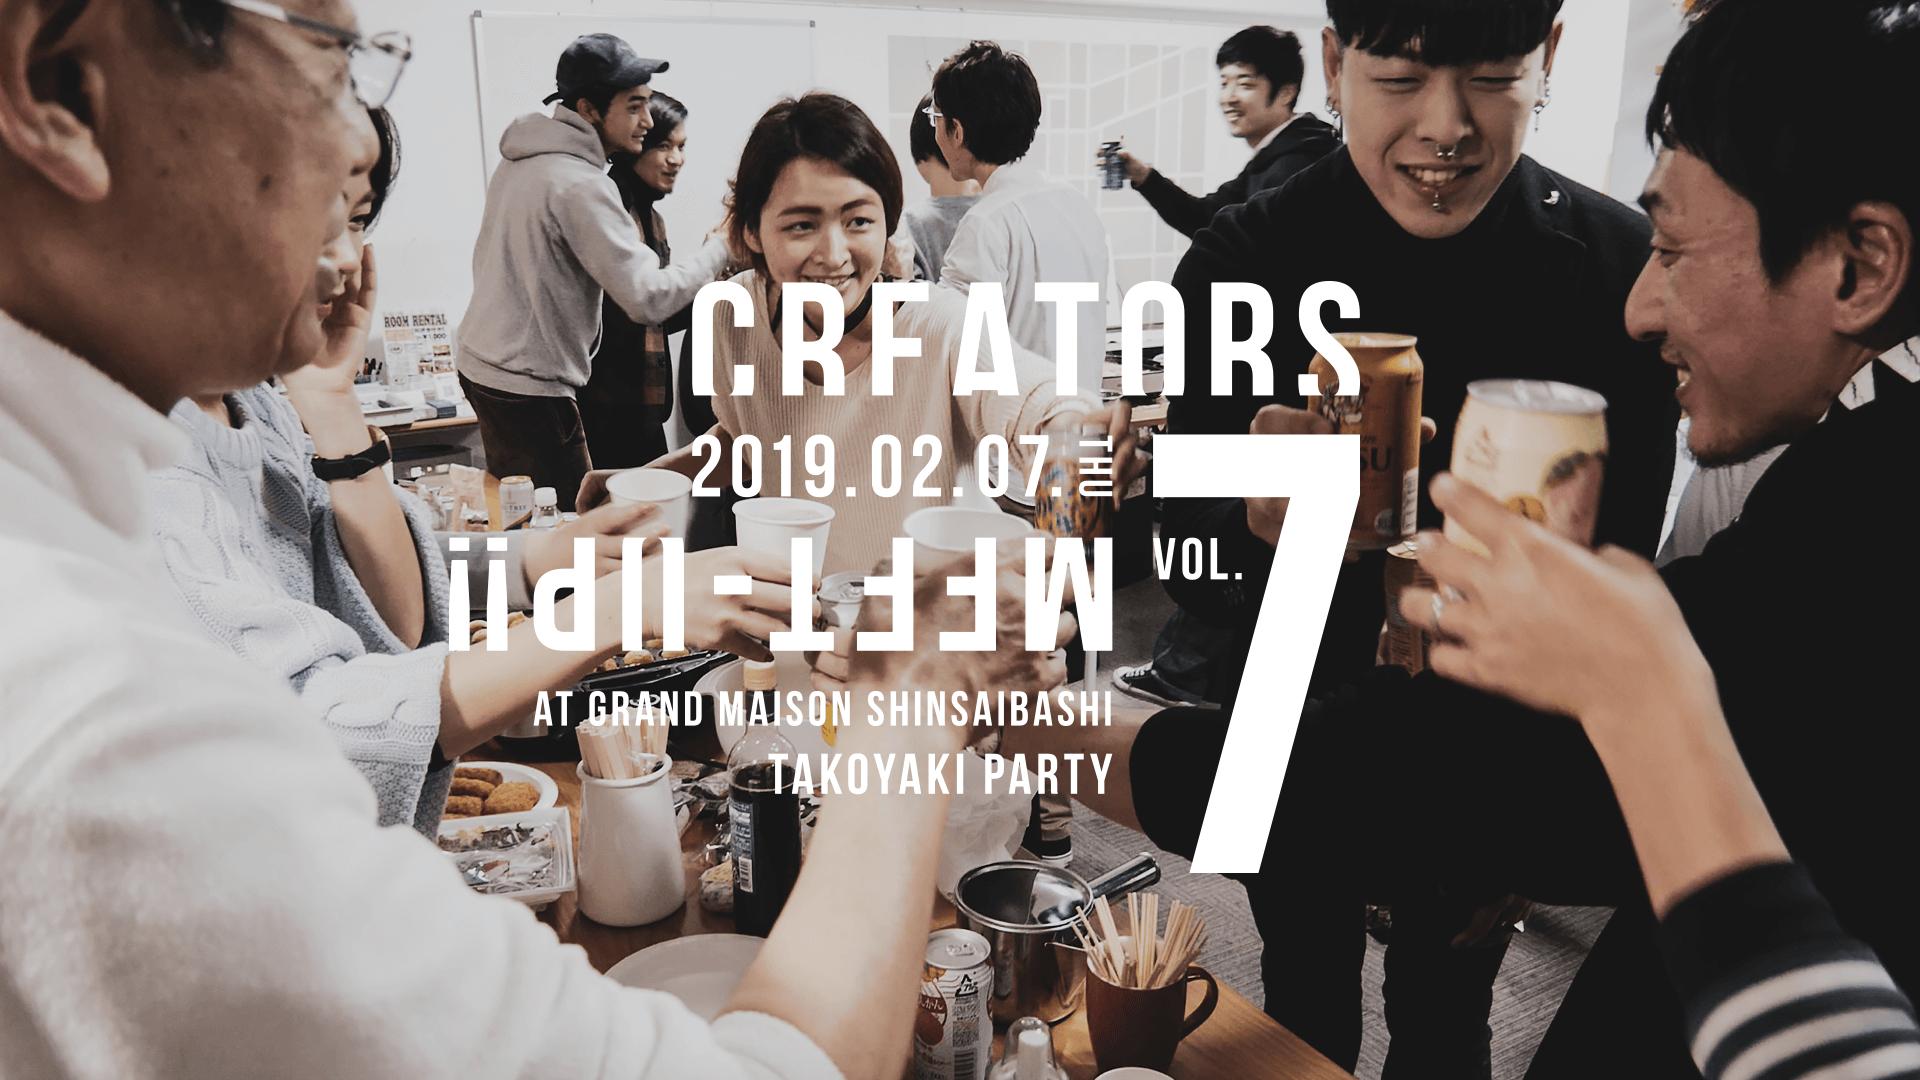 2019.02.07. デザイナーやイラストレーターたちが集まって楽しくたこ焼きパーティ